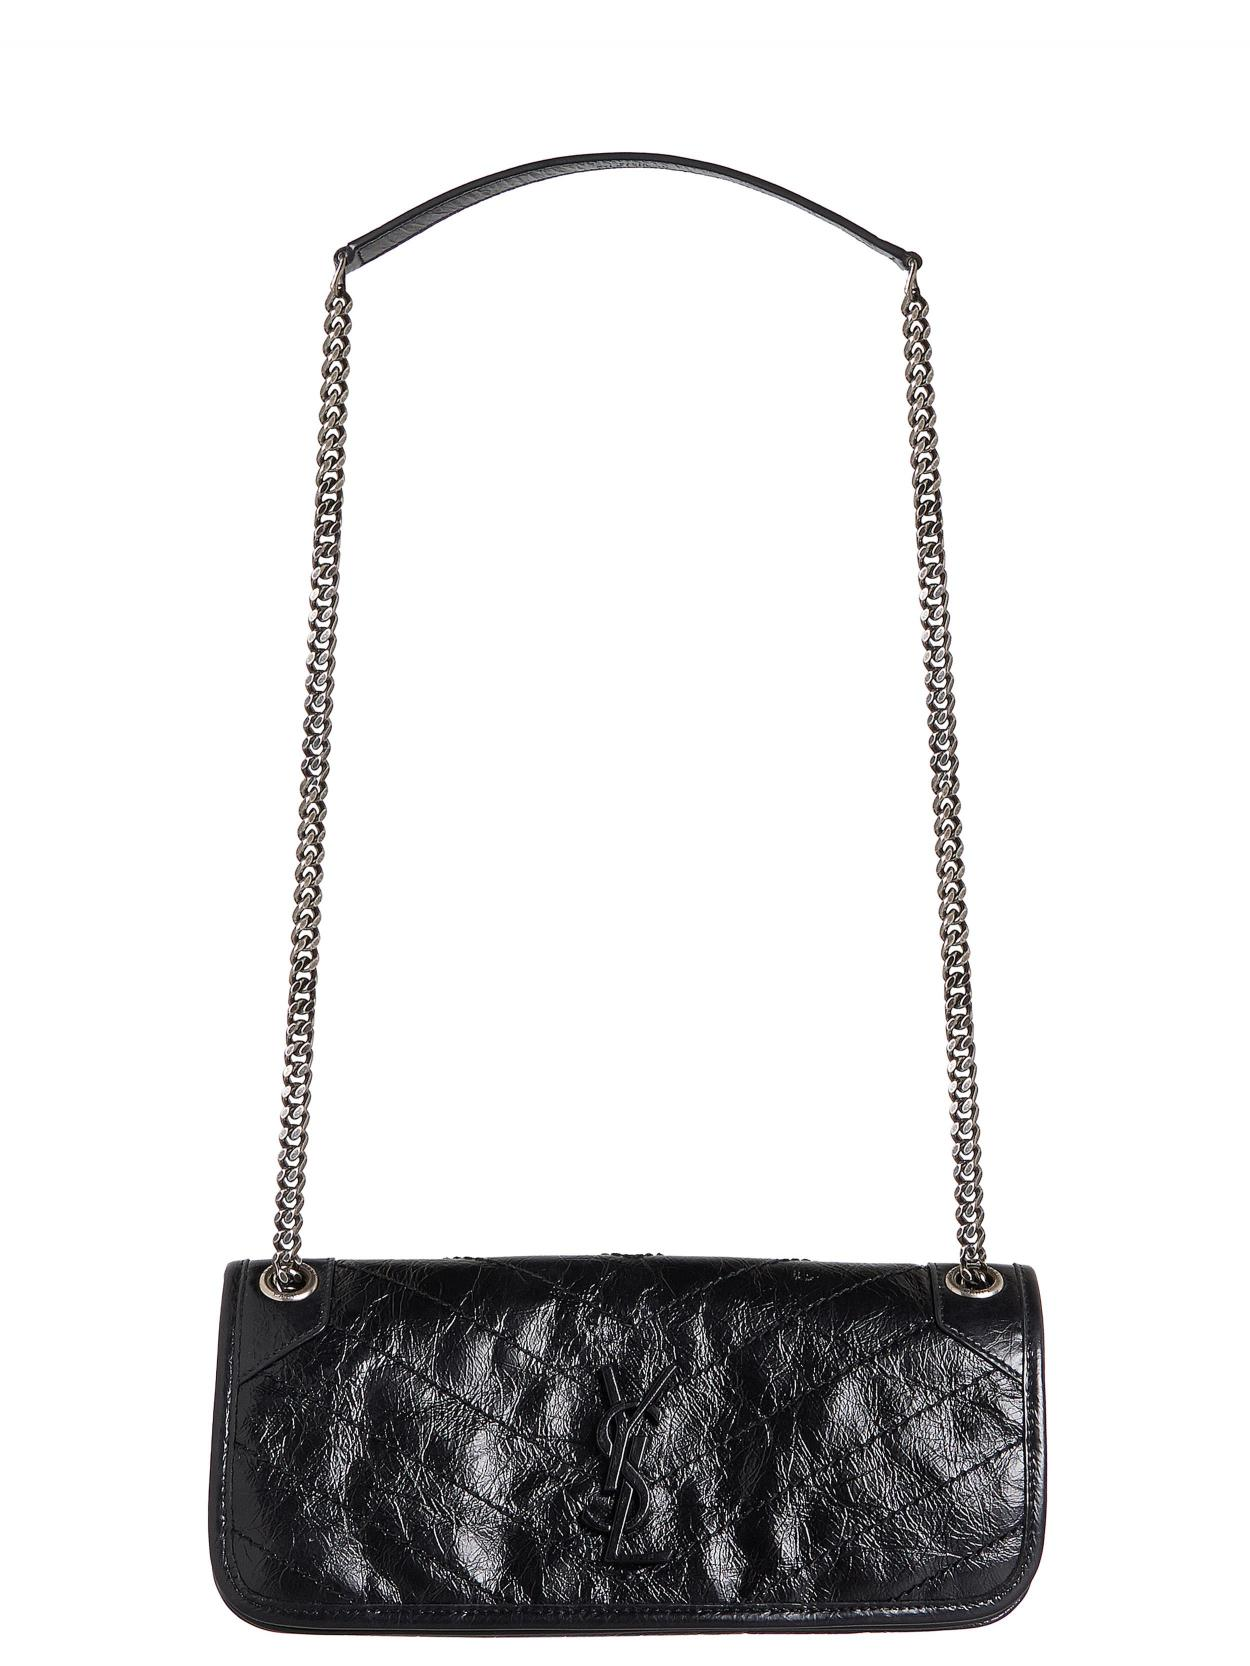 aa7dcf4ef231 Saint Laurent SAINT LAURENT PARIS Small Niki bag in Black - Lyst